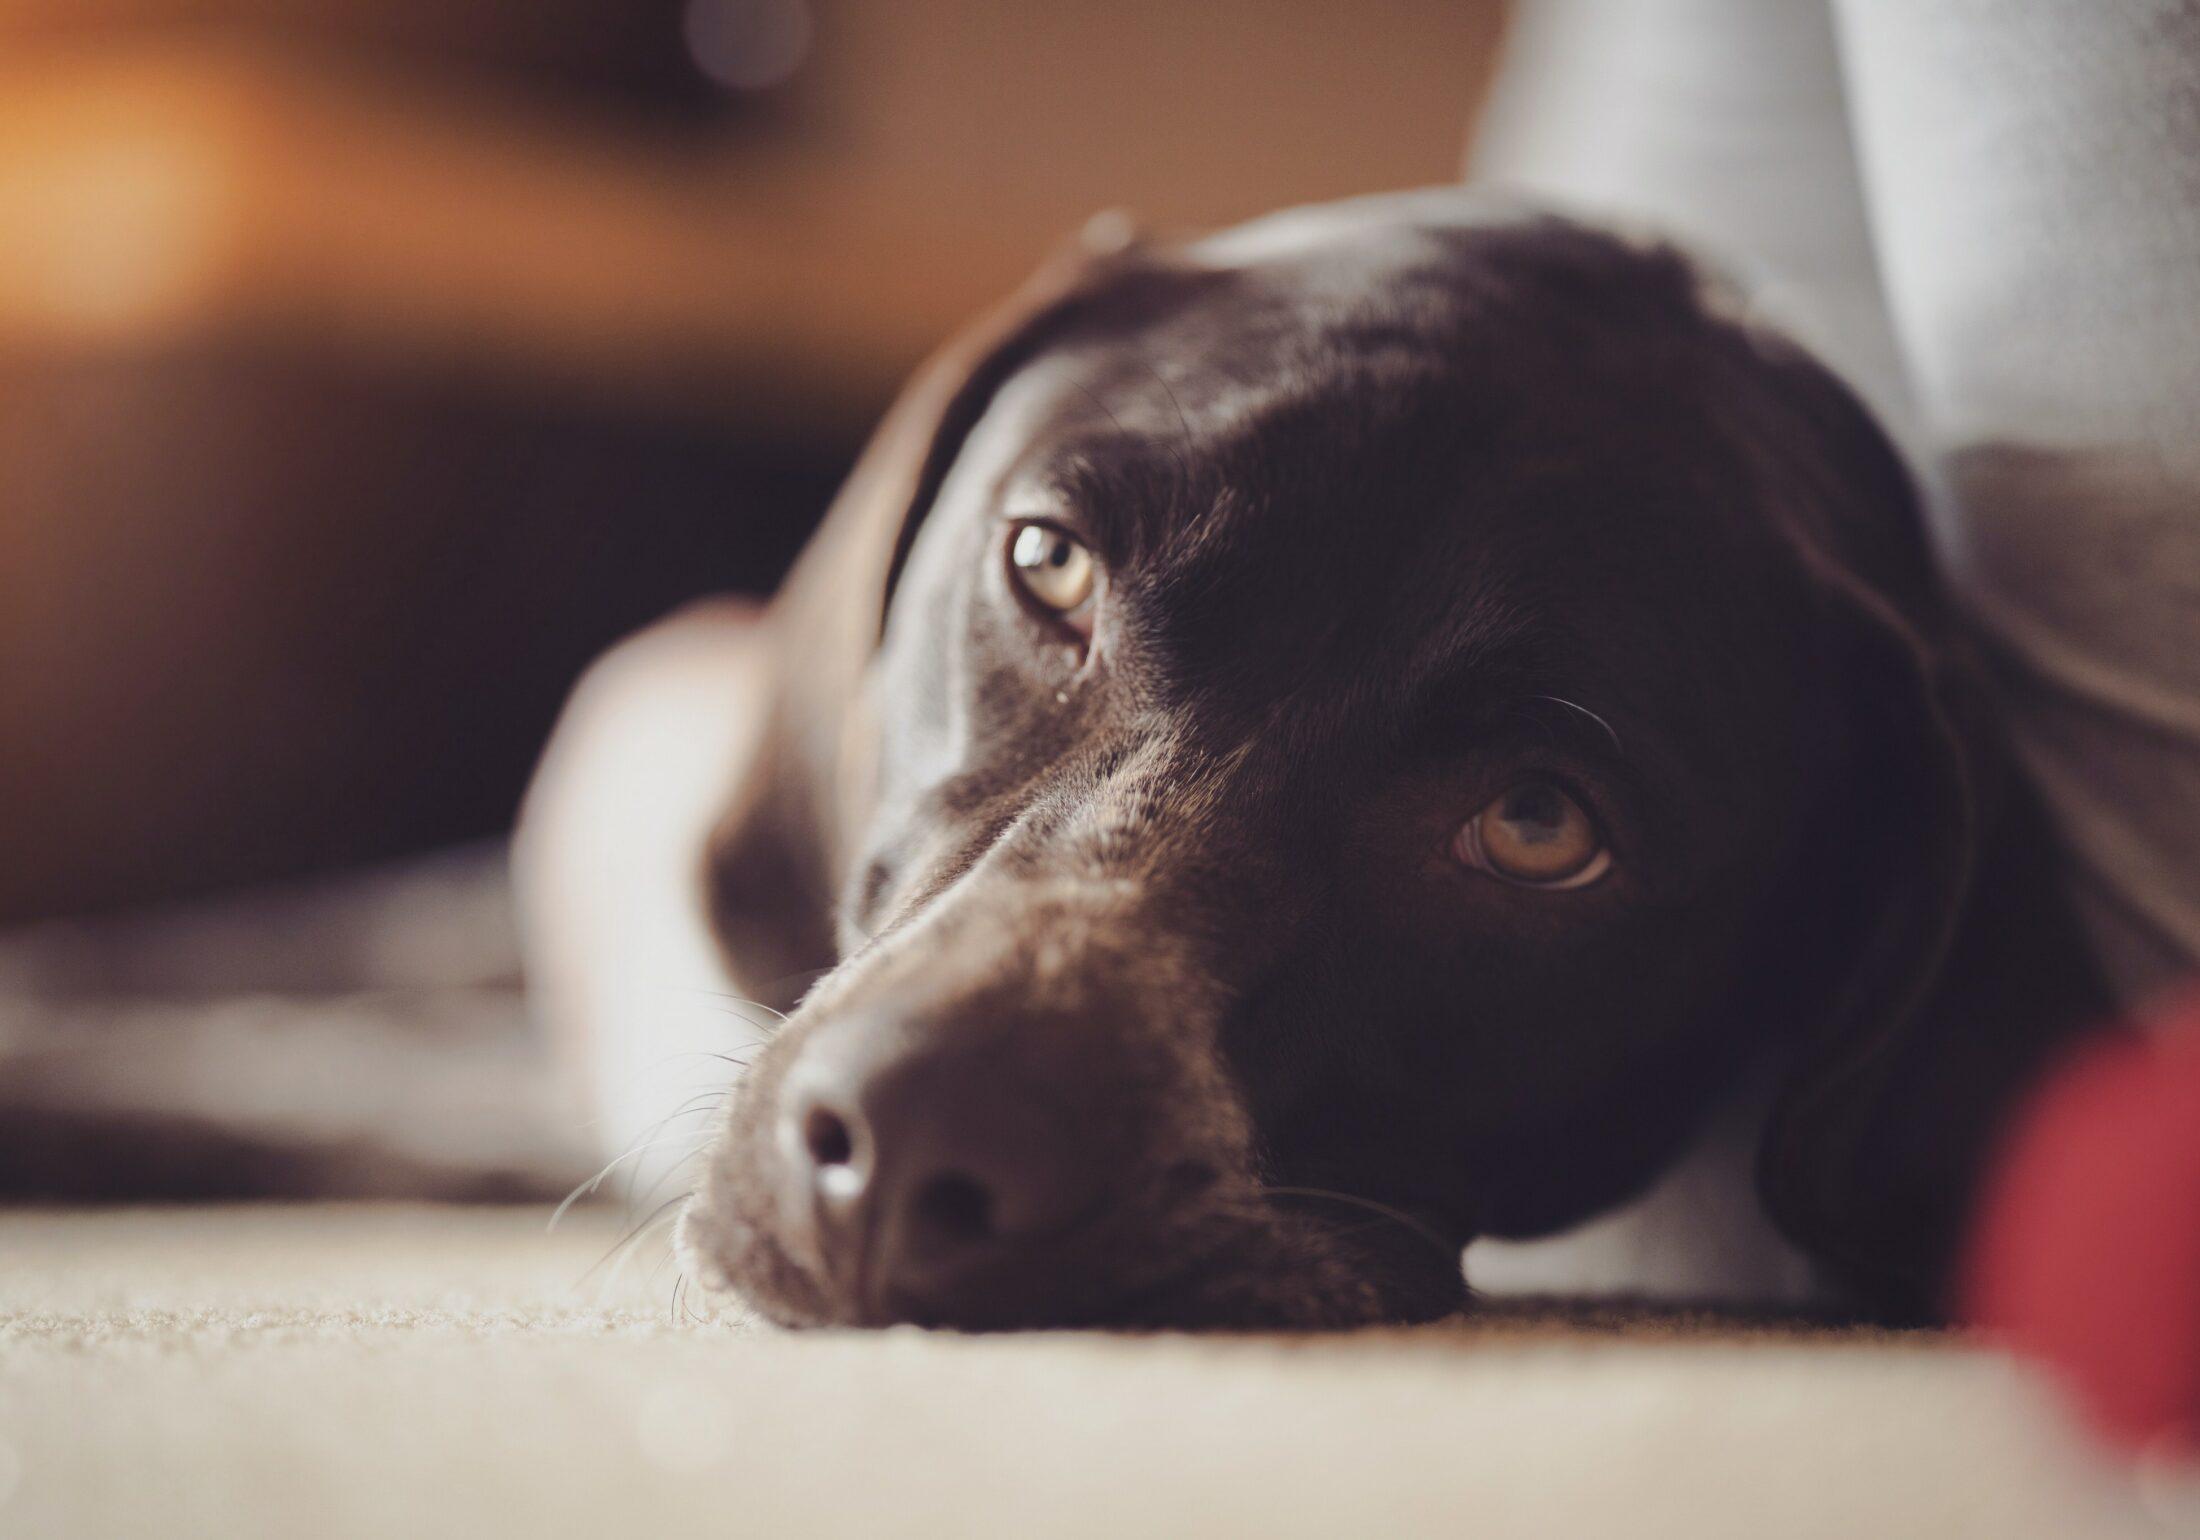 Pesqusiadores e especialistas estão treinando cachorro sensitivo a detectar doenças.